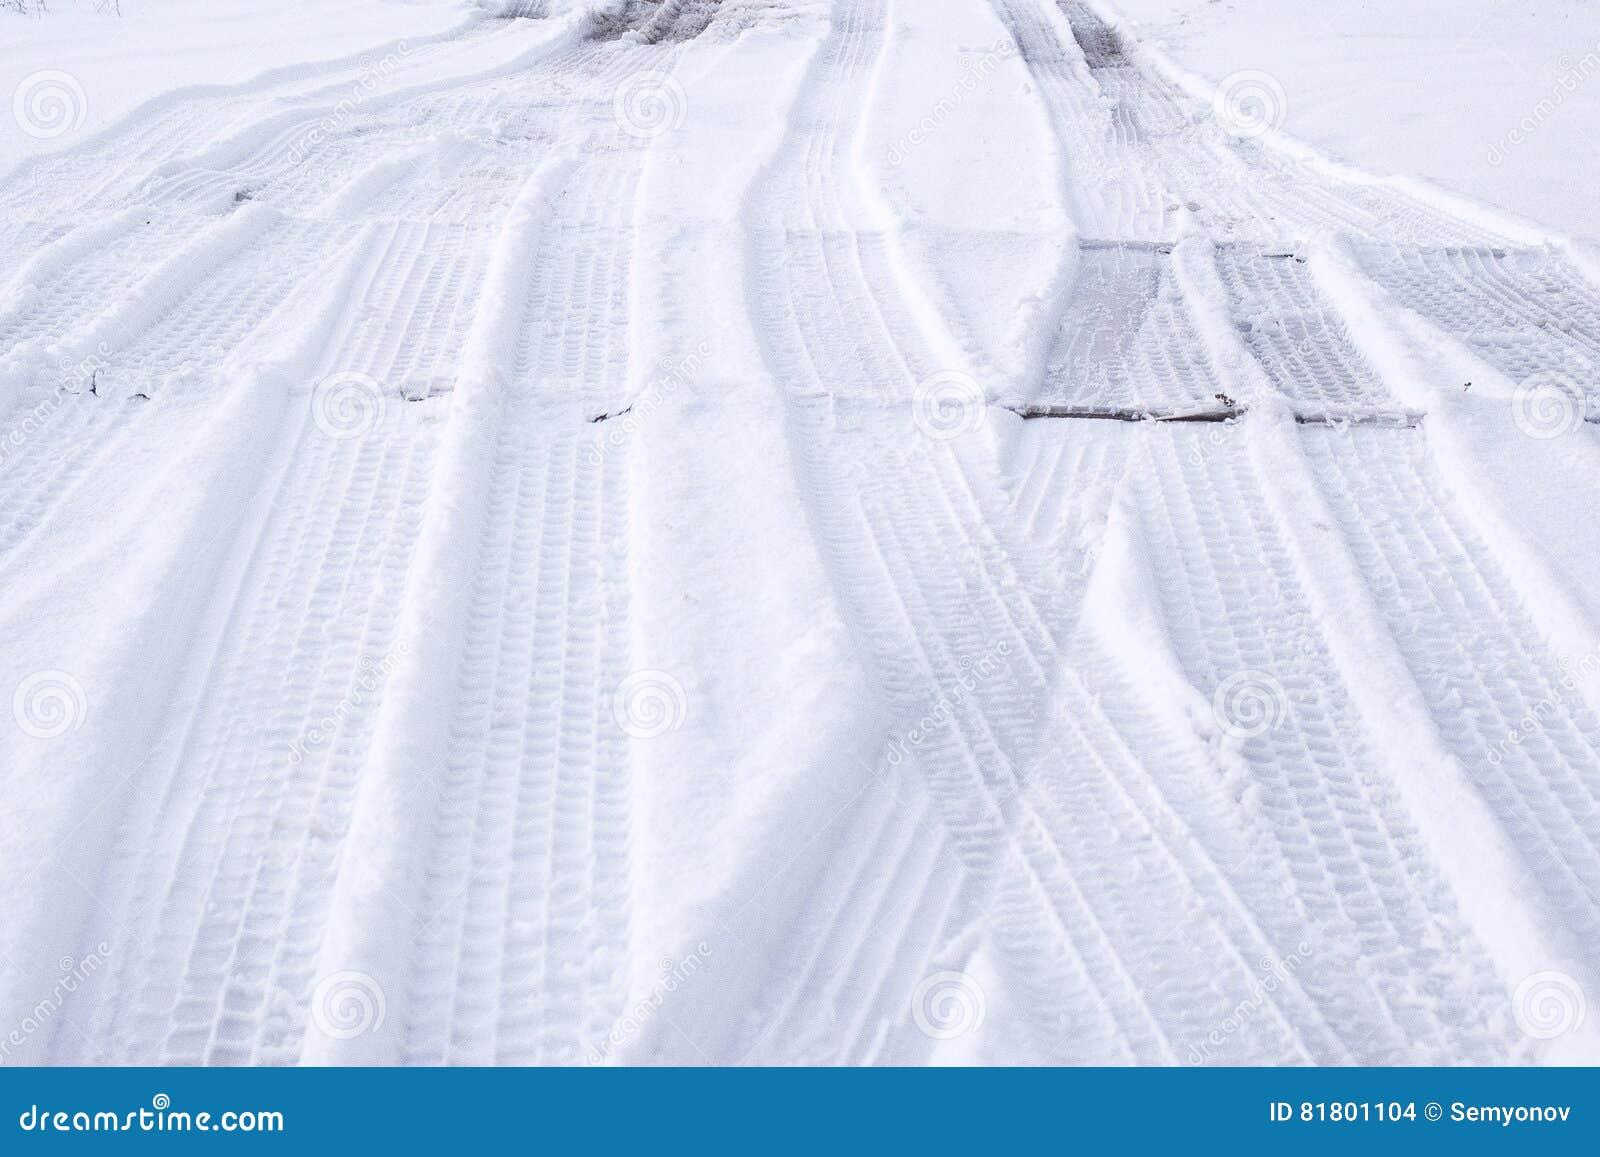 Трассировки автошин на снеге